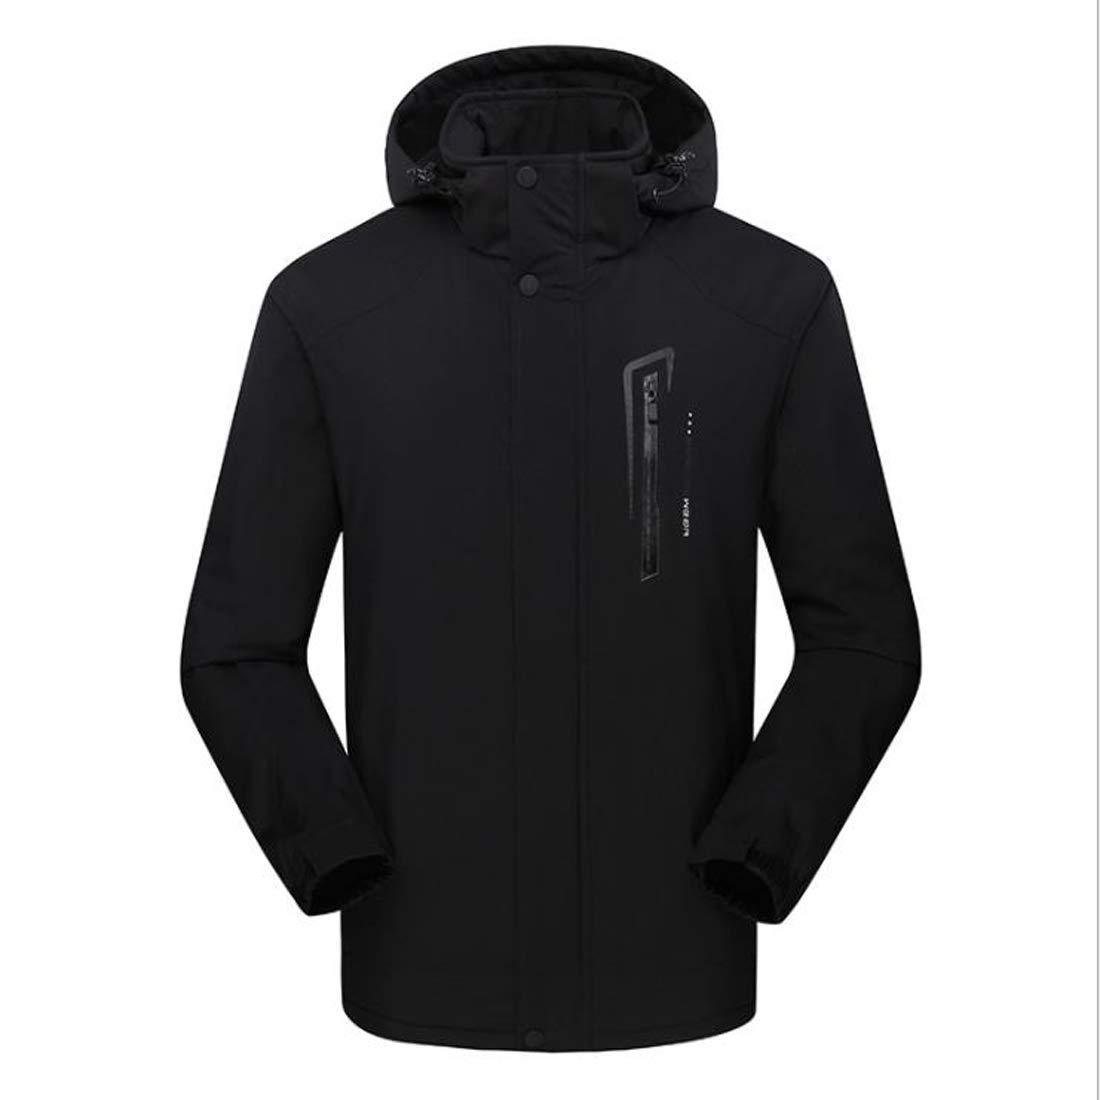 X-grand FELICIPP Veste en Coton matelassée pour Hommes en Plein air, de Grande Taille, en Coton Sport pour Hommes (Couleur   02, Taille   2XL)